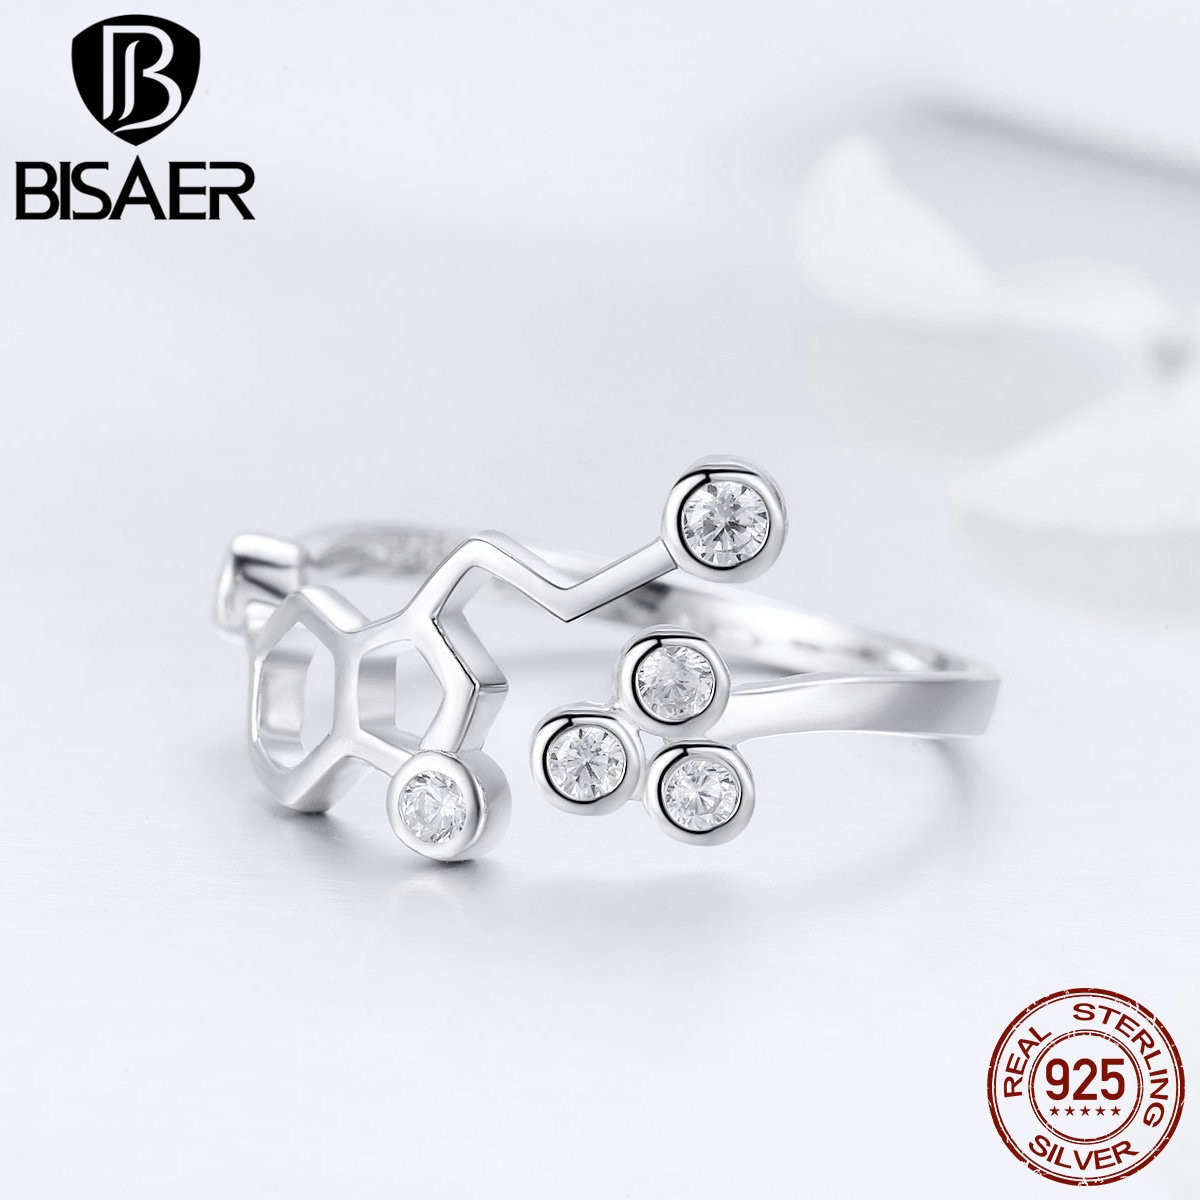 BISAER nuevo 925 plata esterlina hexágono Honeycube tamaño libre anillos abiertos para dedos para mujeres joyería de buenos de lujo para mujeres GXR433